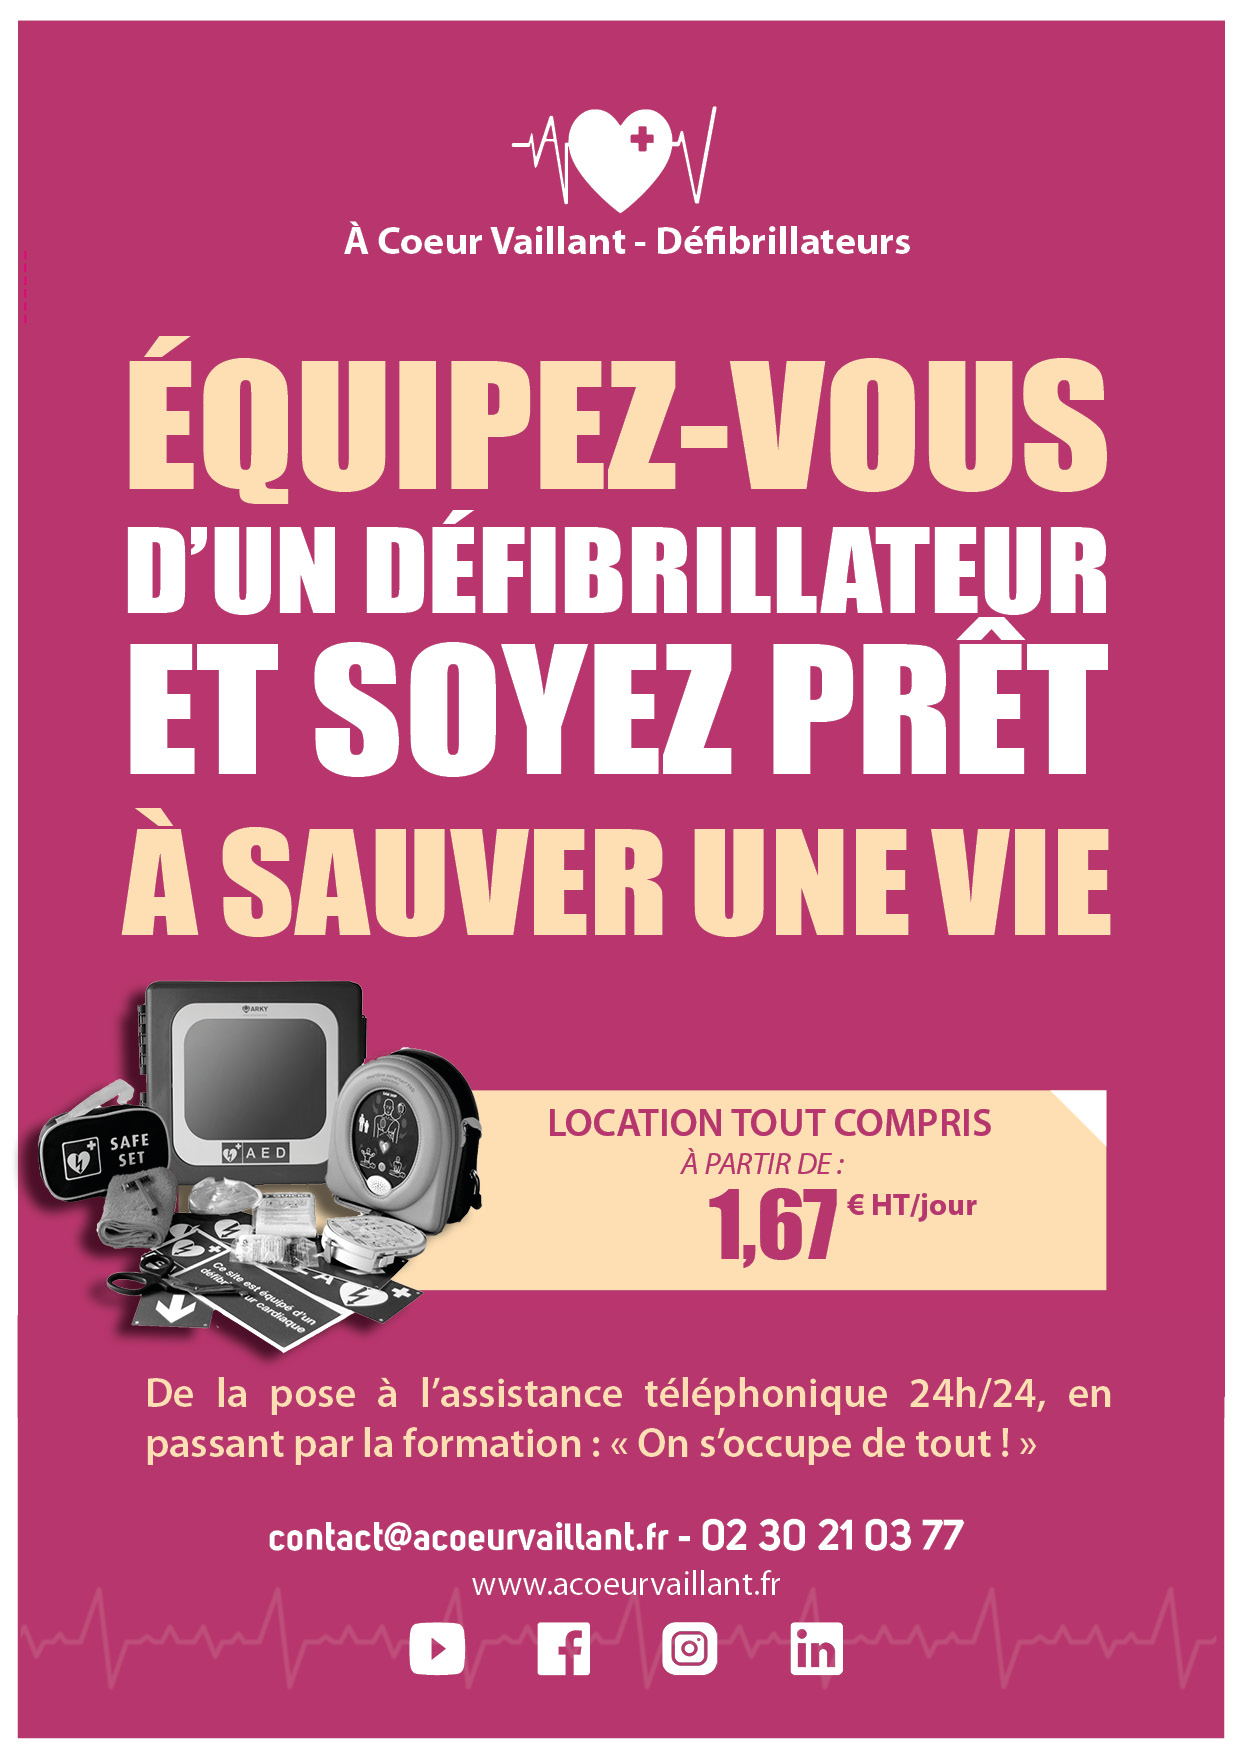 Location offre 1euro67 par jour A Coeur Vaillant défibrillateurs